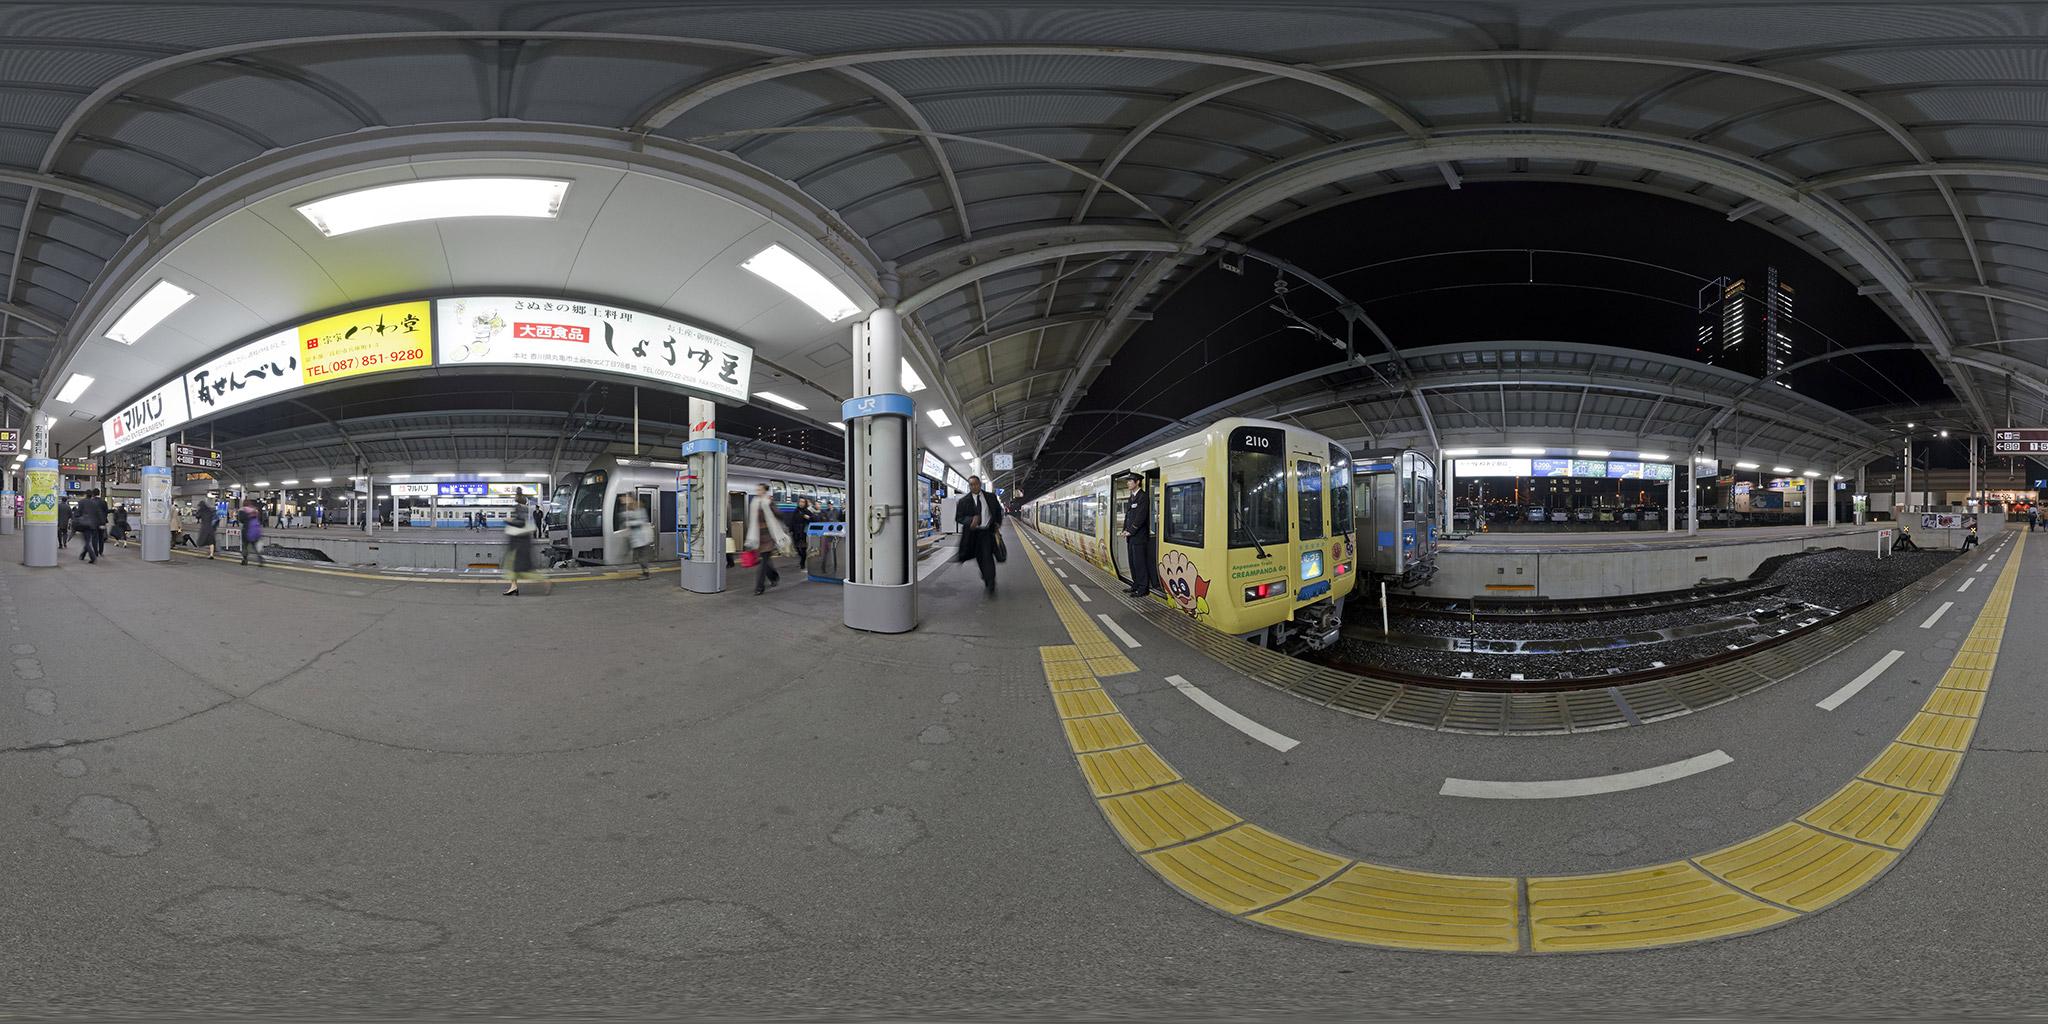 予讃線高松駅の快速マリンライナーと特急いしづち